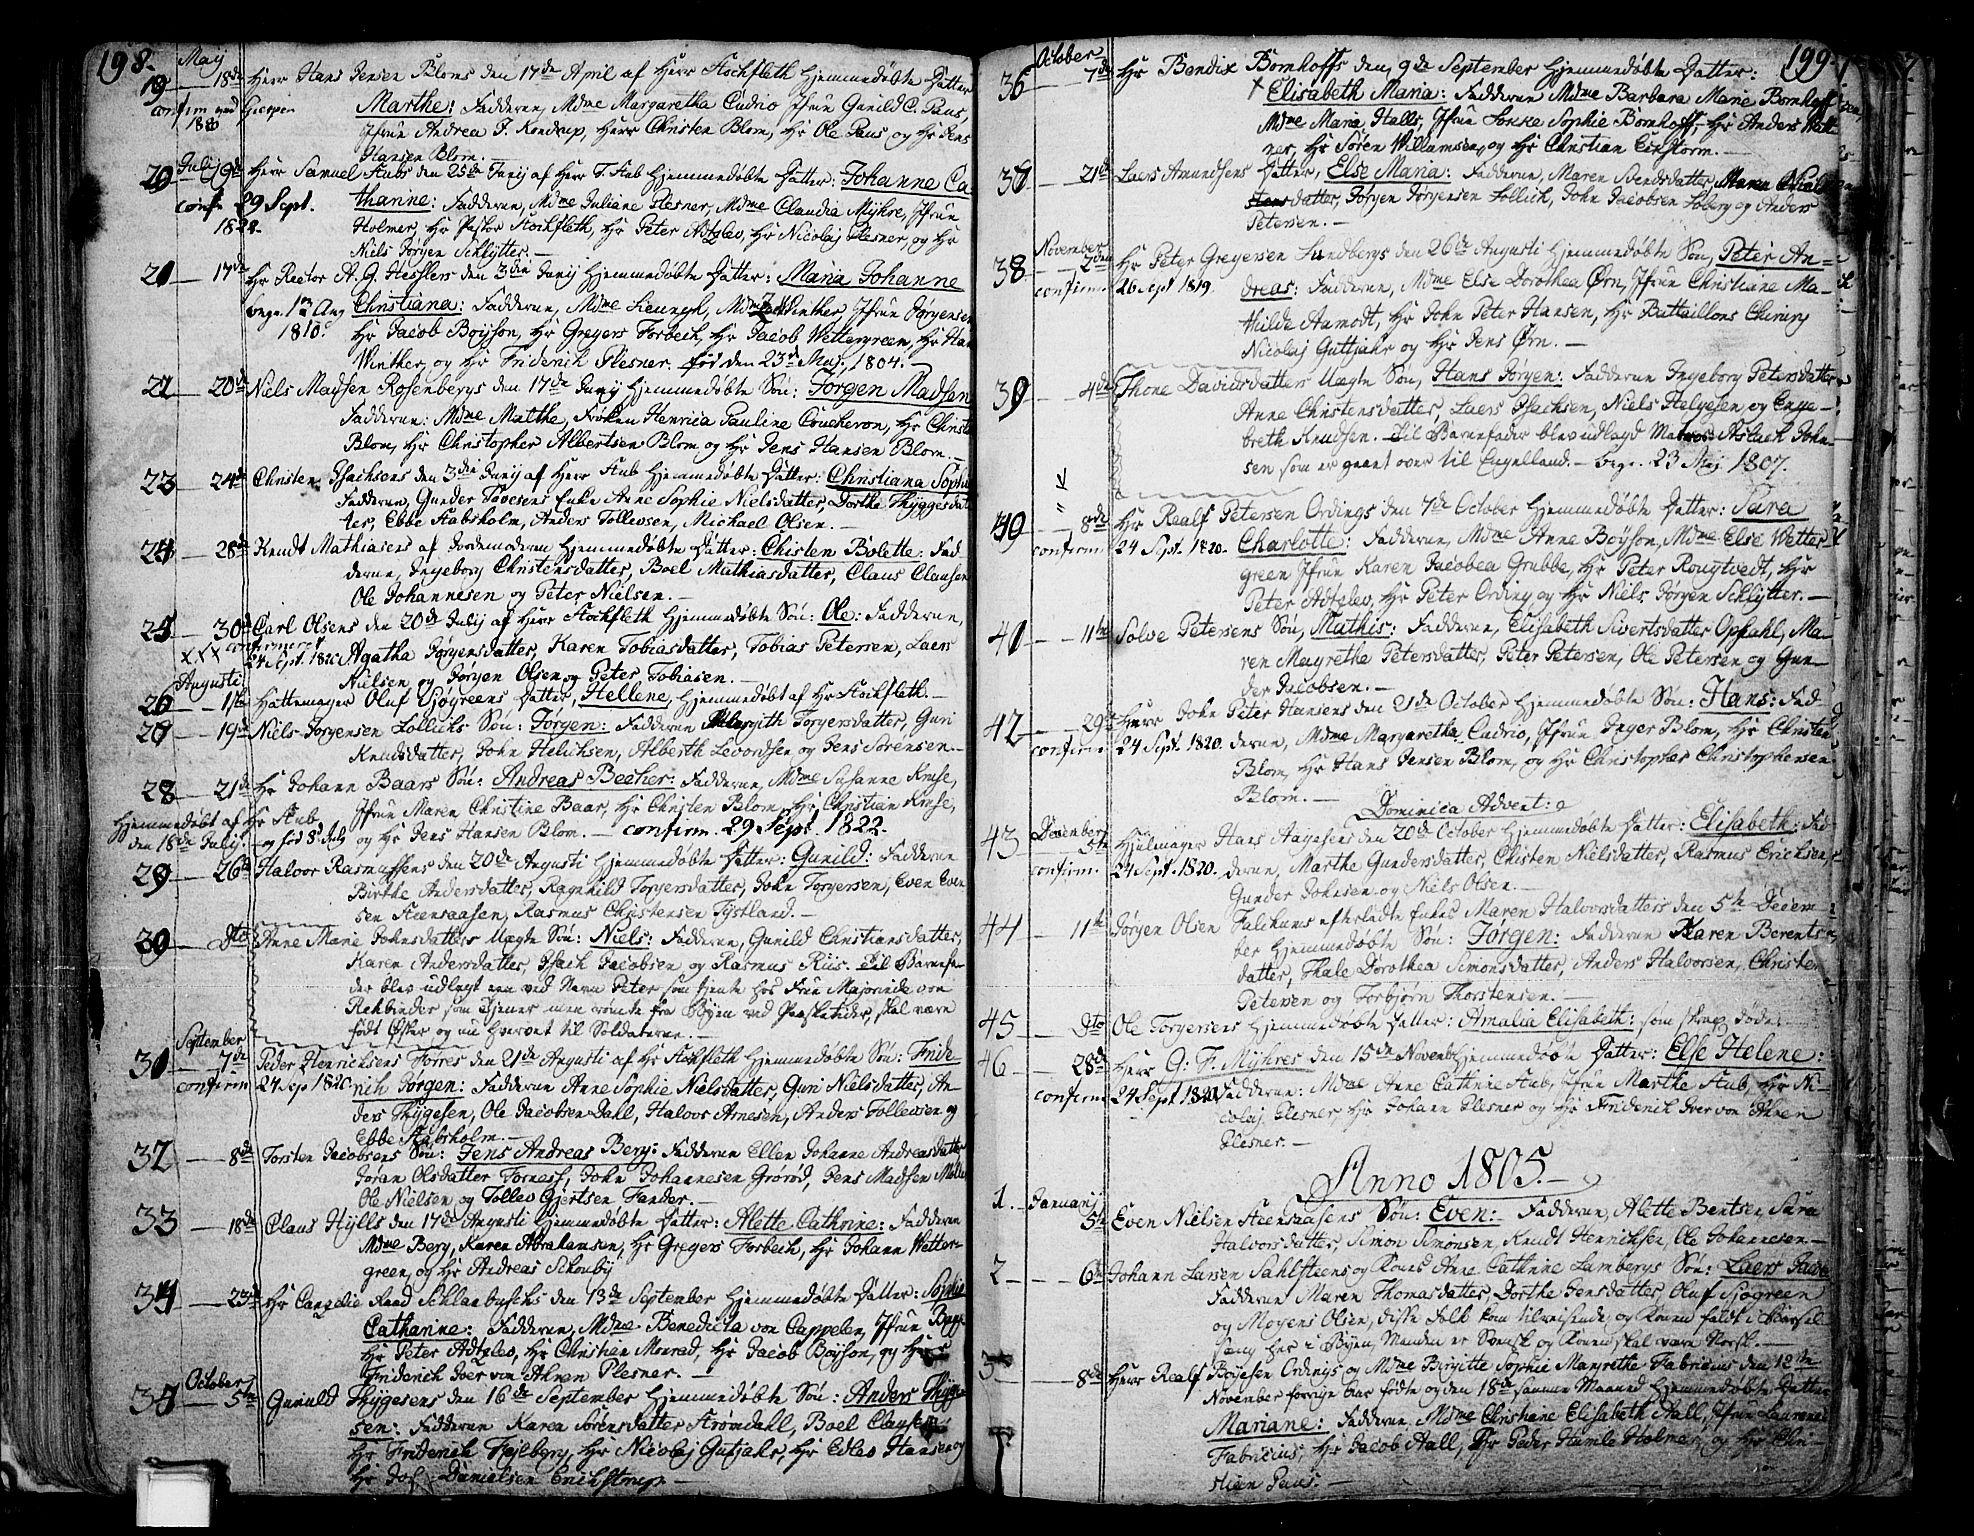 SAKO, Skien kirkebøker, F/Fa/L0004: Ministerialbok nr. 4, 1792-1814, s. 198-199